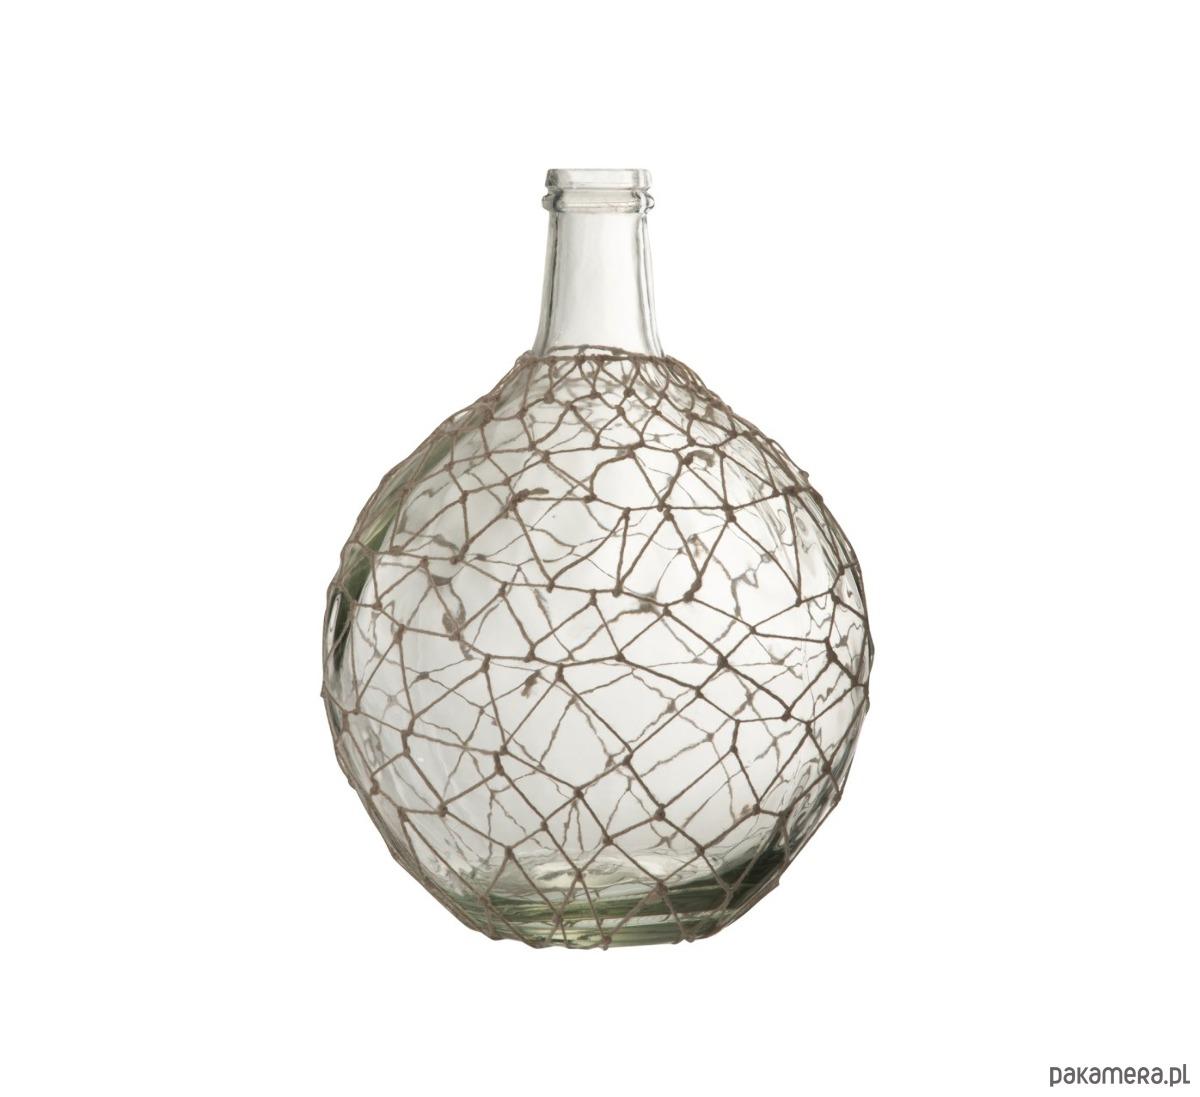 Wazon Dekoracyjny Ball Z Siatką Szkło 38x27 Cm Pakamerapl